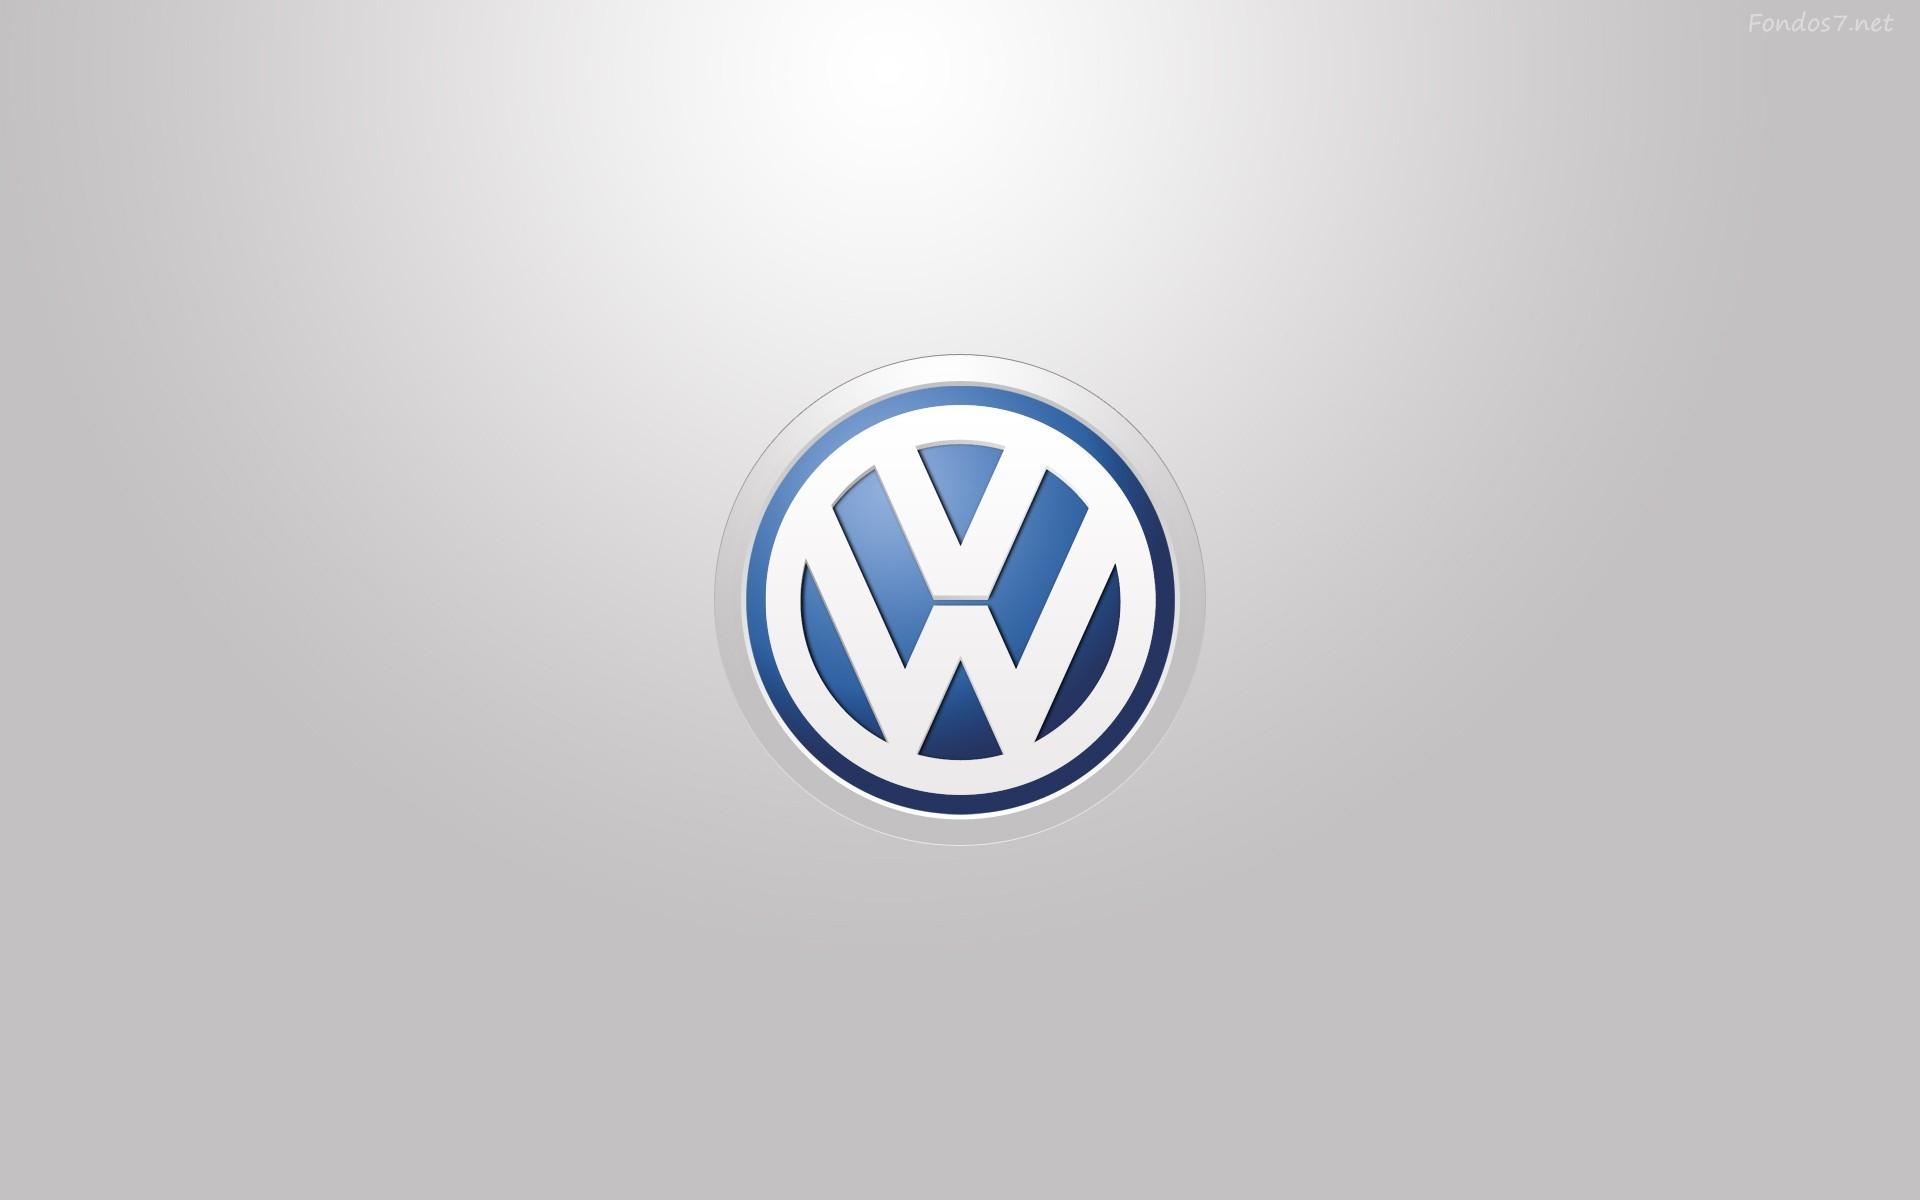 Volkswagen logo 1920x1200